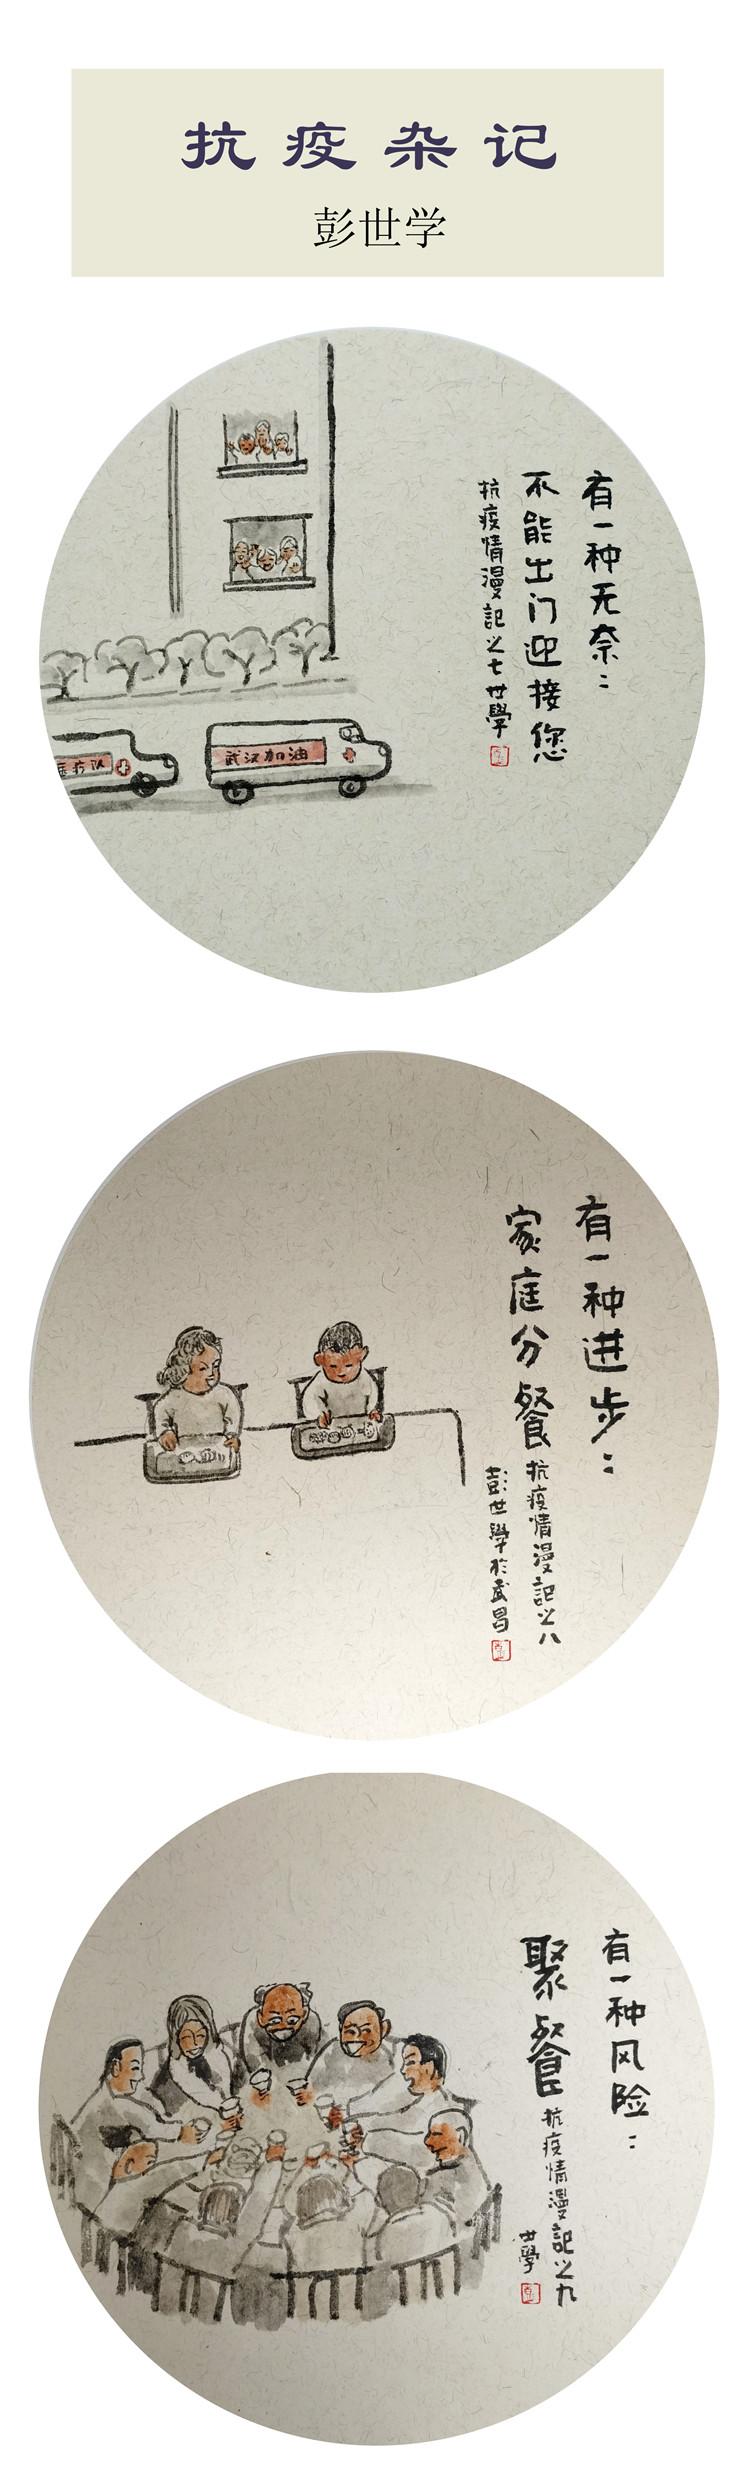 《抗疫杂记》彭世学   漫画.jpg